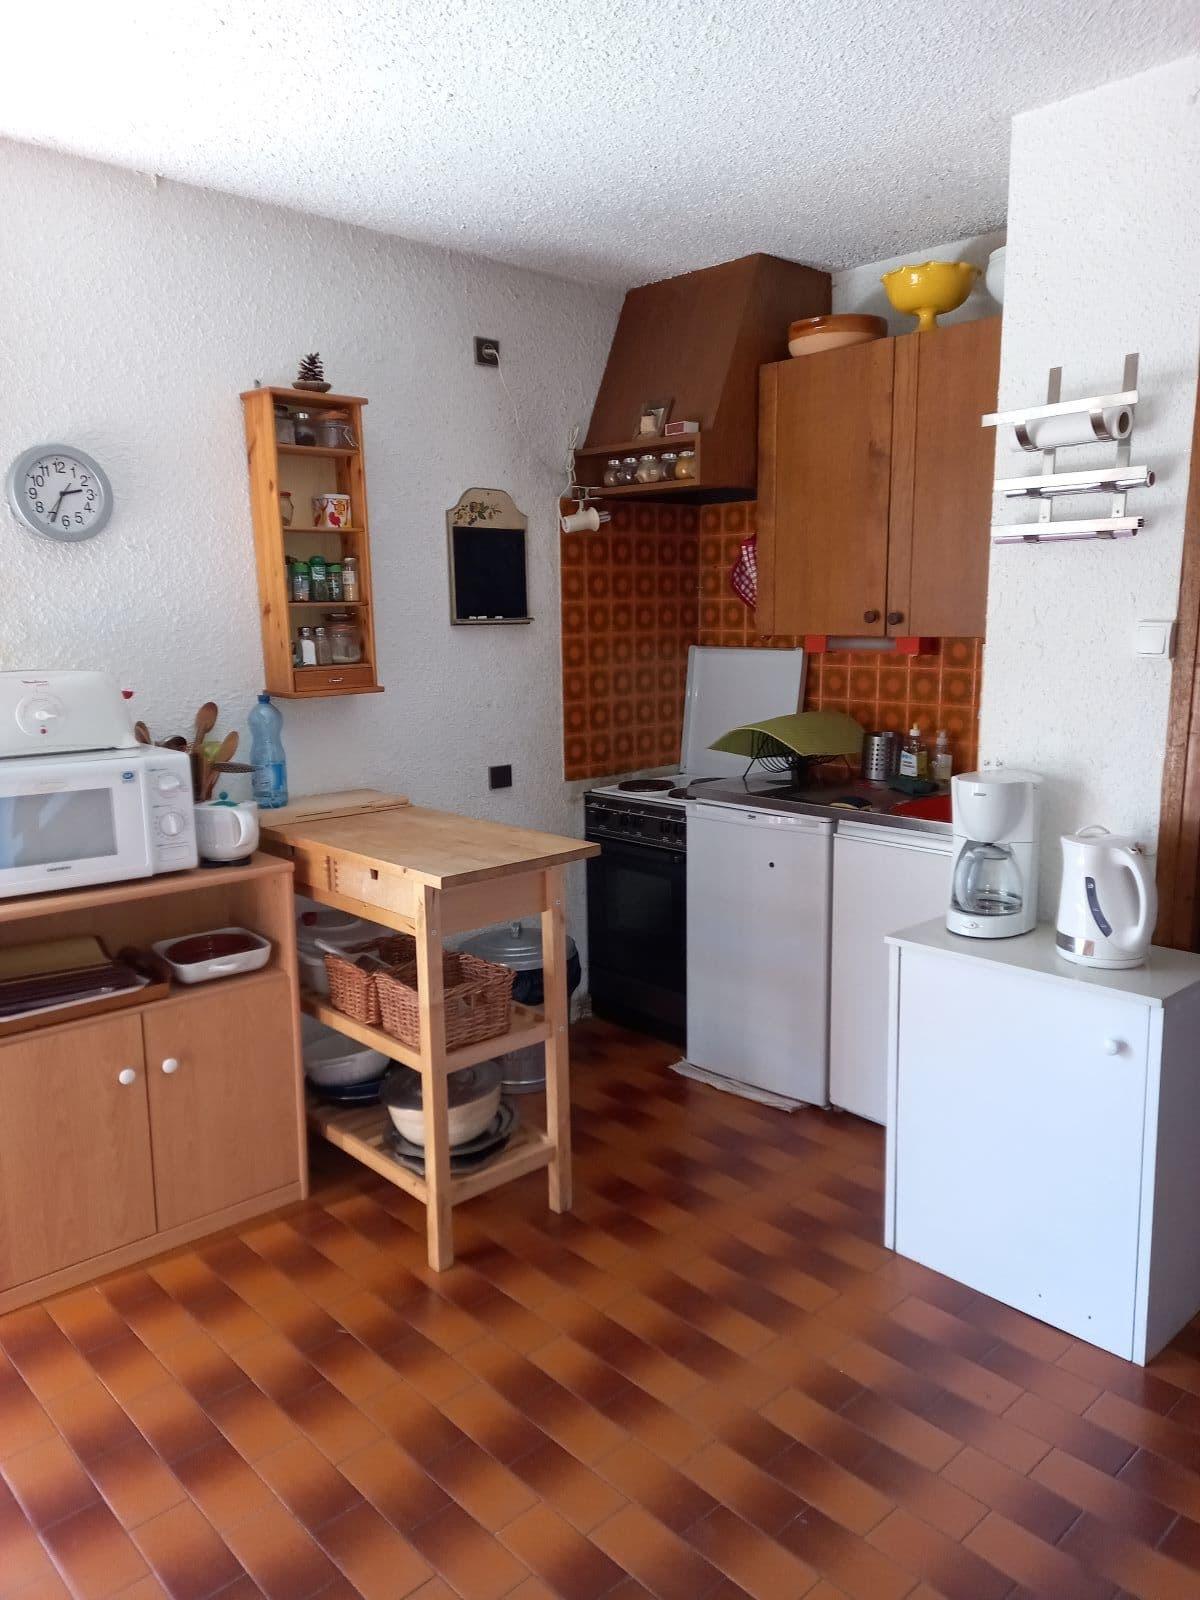 20211011 143252 - ANCELLE T3 DE 47 m² (8 COUCHAGES) AVEC TROIS BALCONS